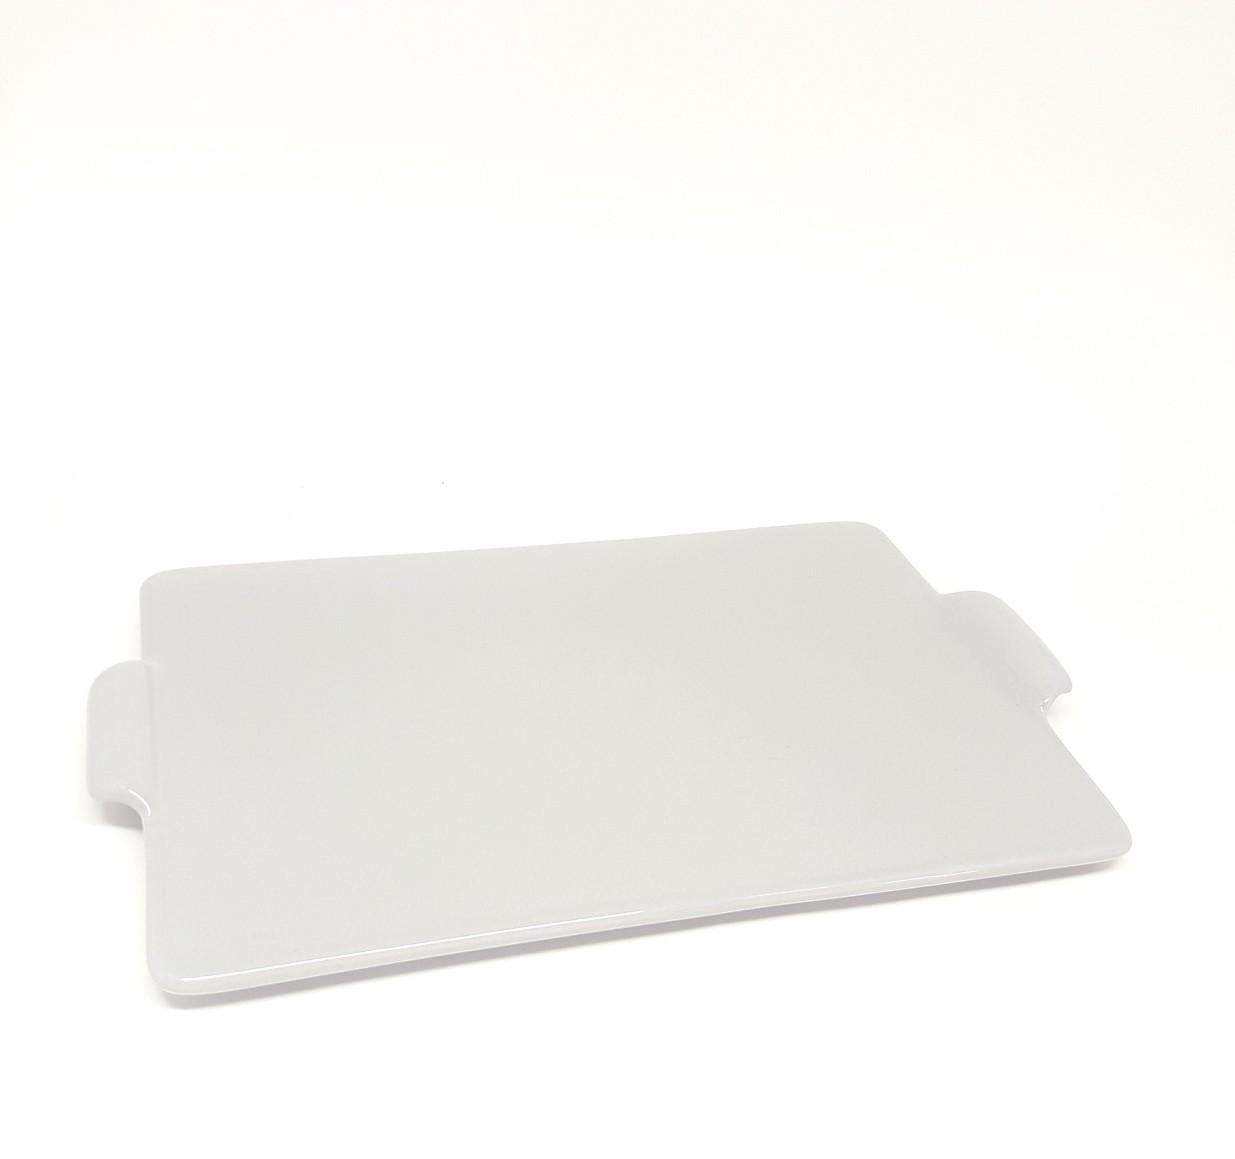 Bandeja em cerâmica cinza de 20 por 30 cm